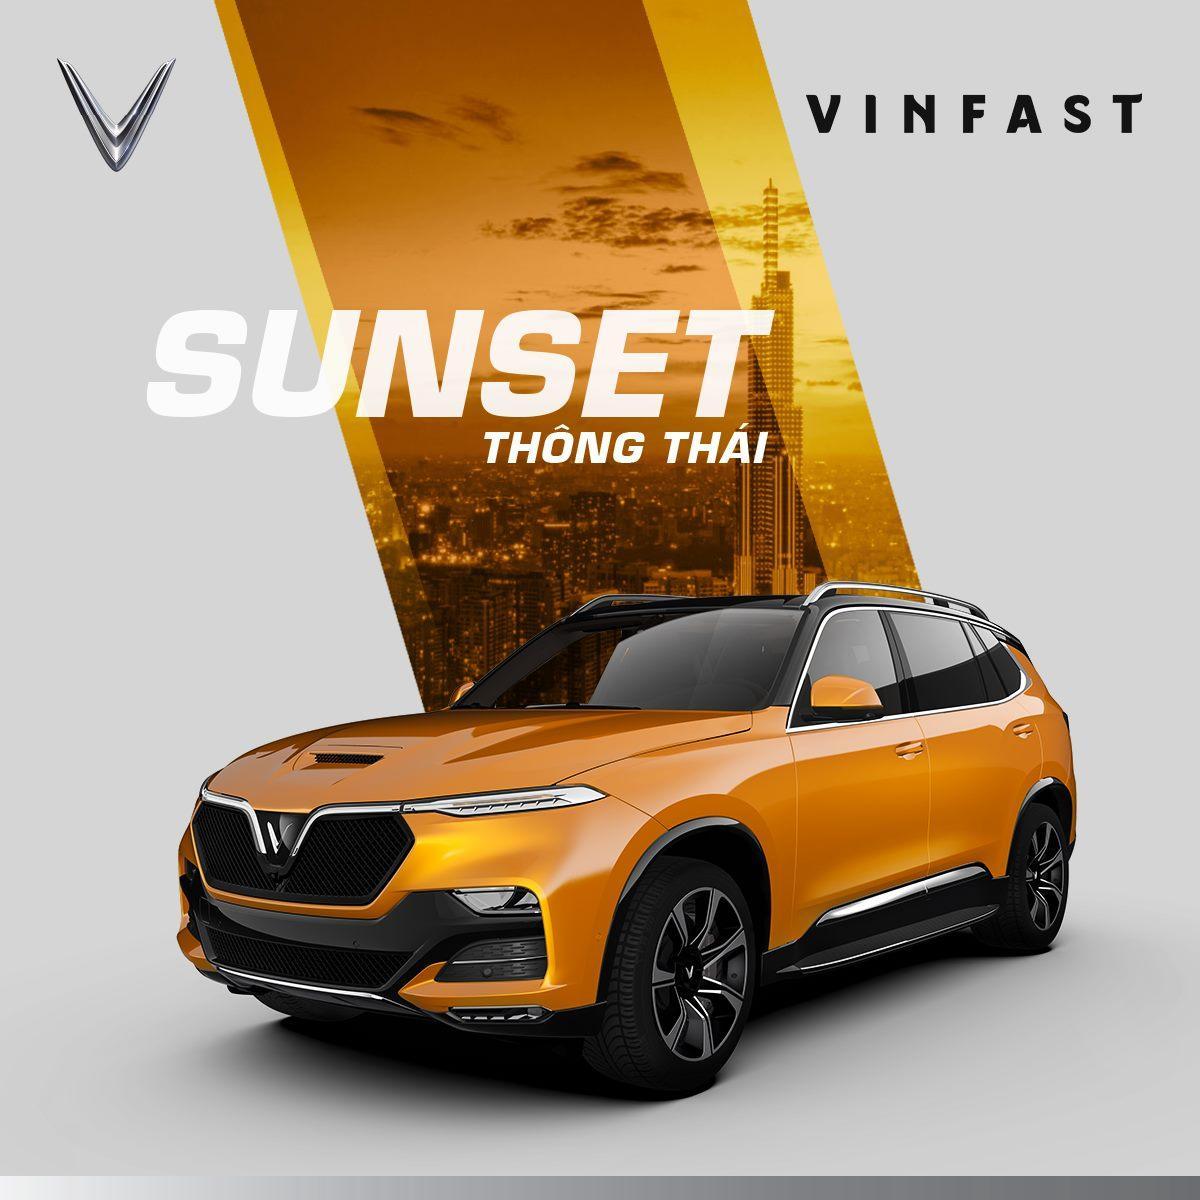 vinfast-president-sunset